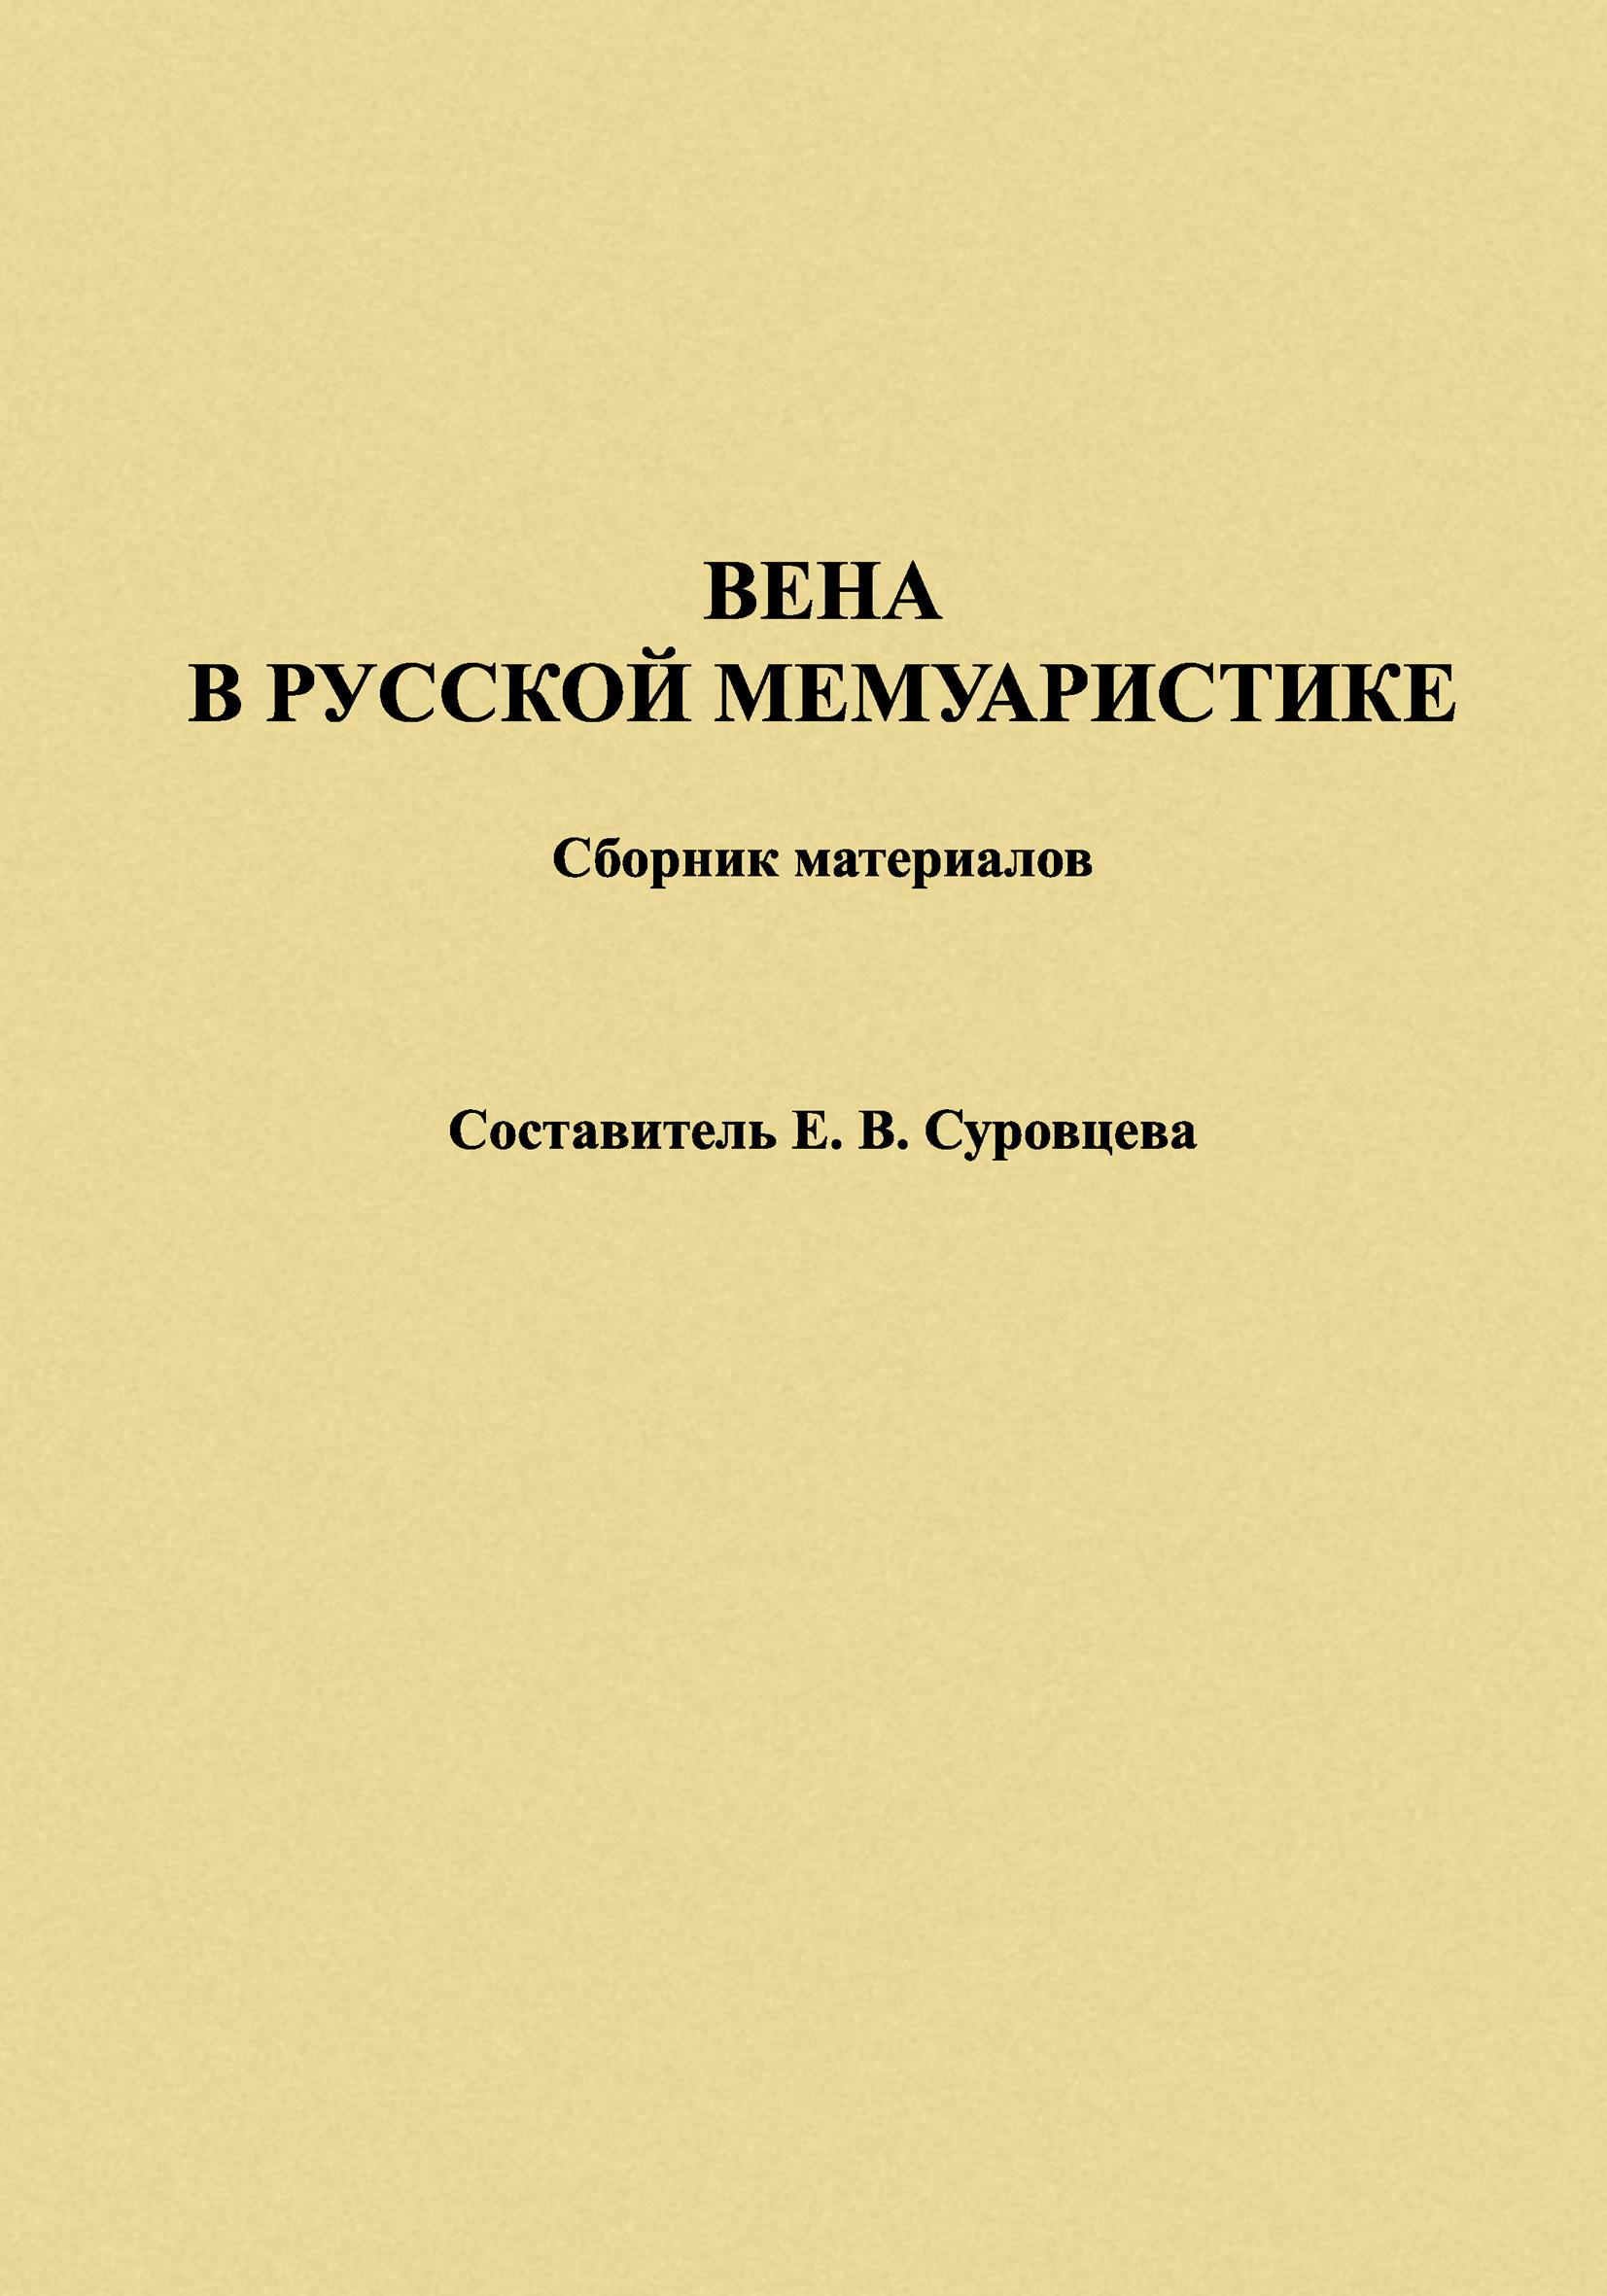 Вена в русской мемуаристике. Сборник материалов